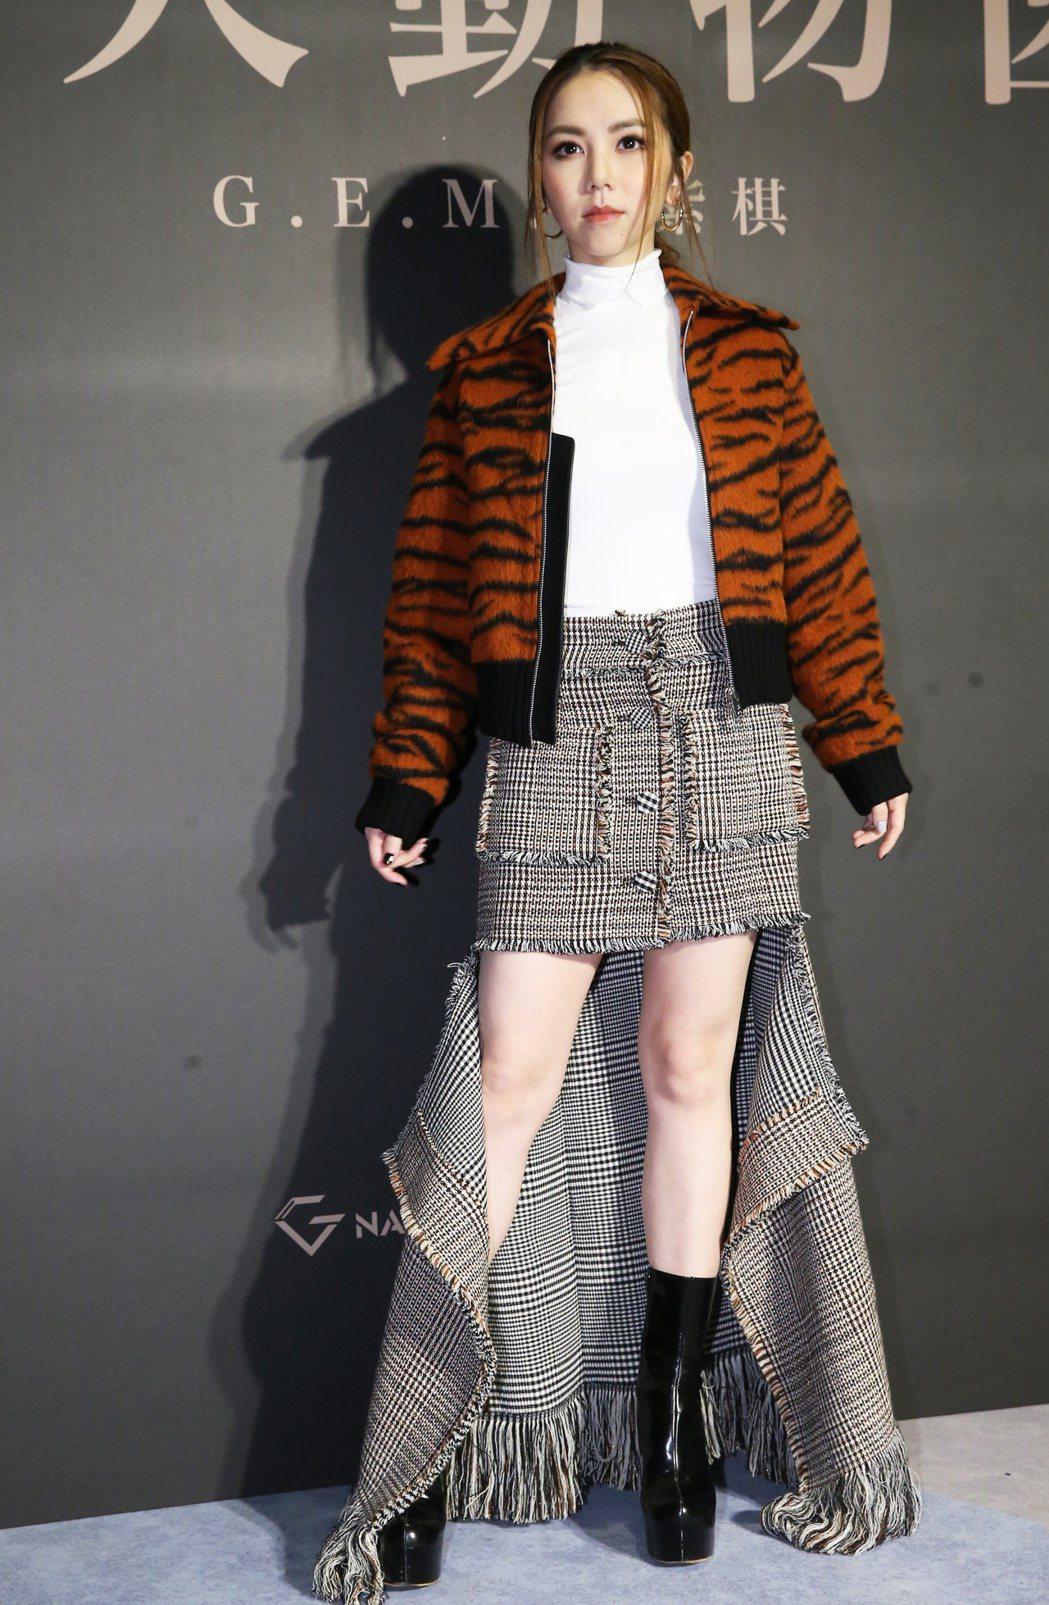 鄧紫棋推出新專輯「摩天動物園」頗受好評,18日以一襲虎紋裙裝出席新專輯媒體搶聽會